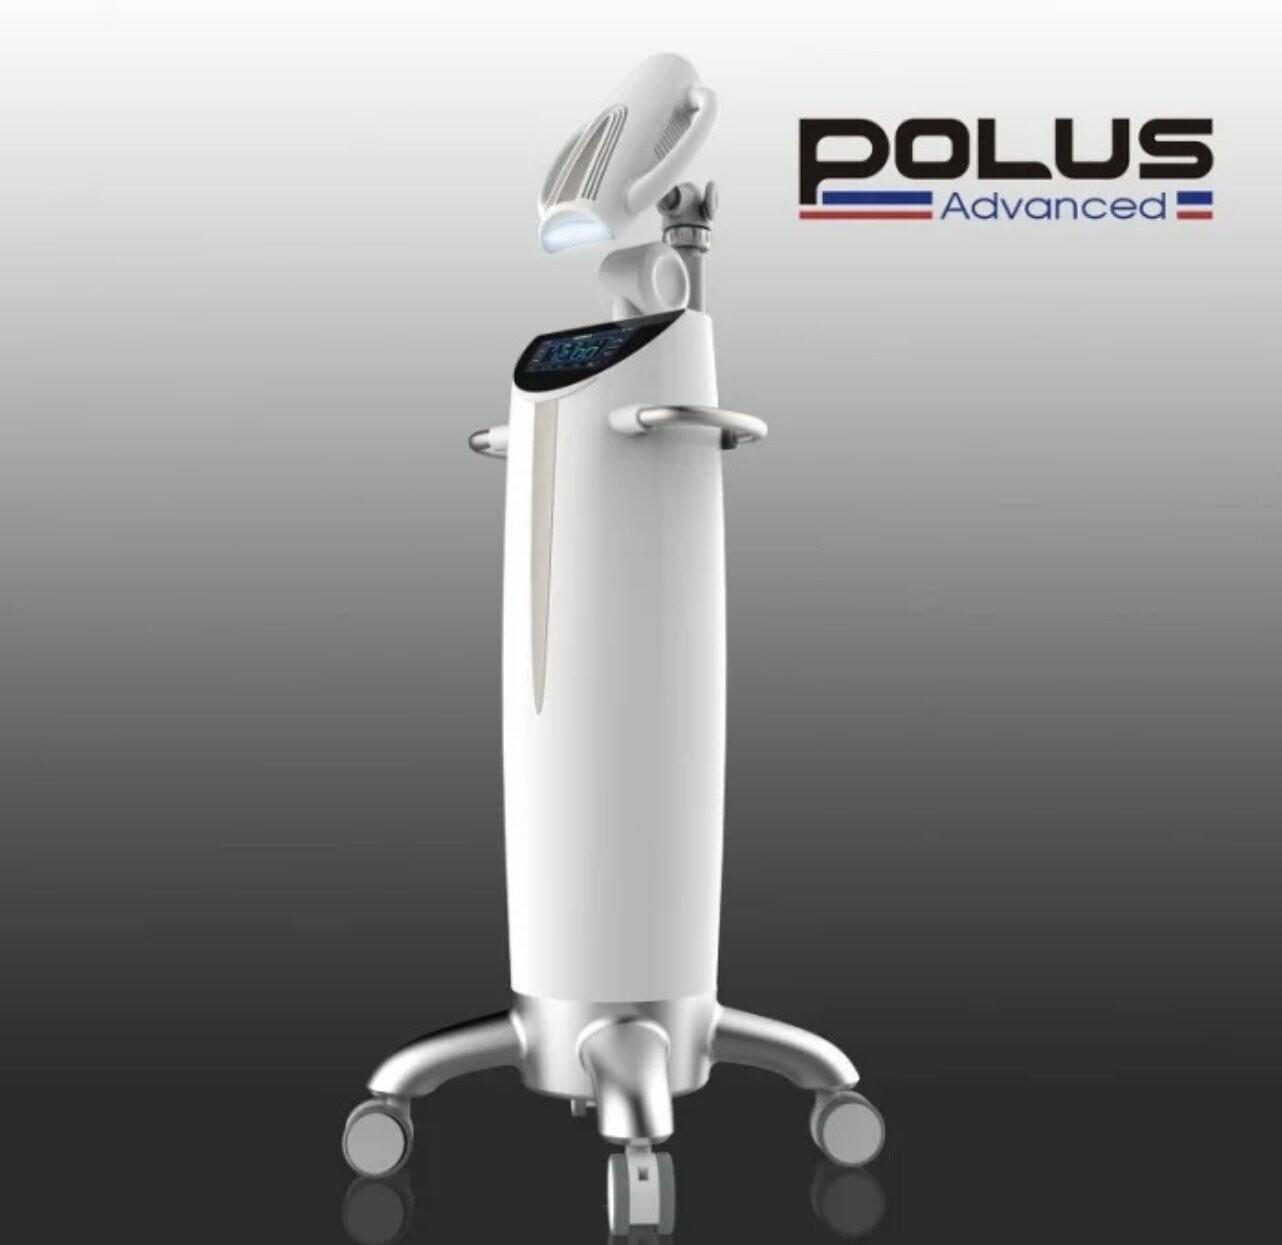 Лучшая система отбеливания BEYOND POLUS ADVANCE теперь в стоматологической  клинике Primely, фото-2